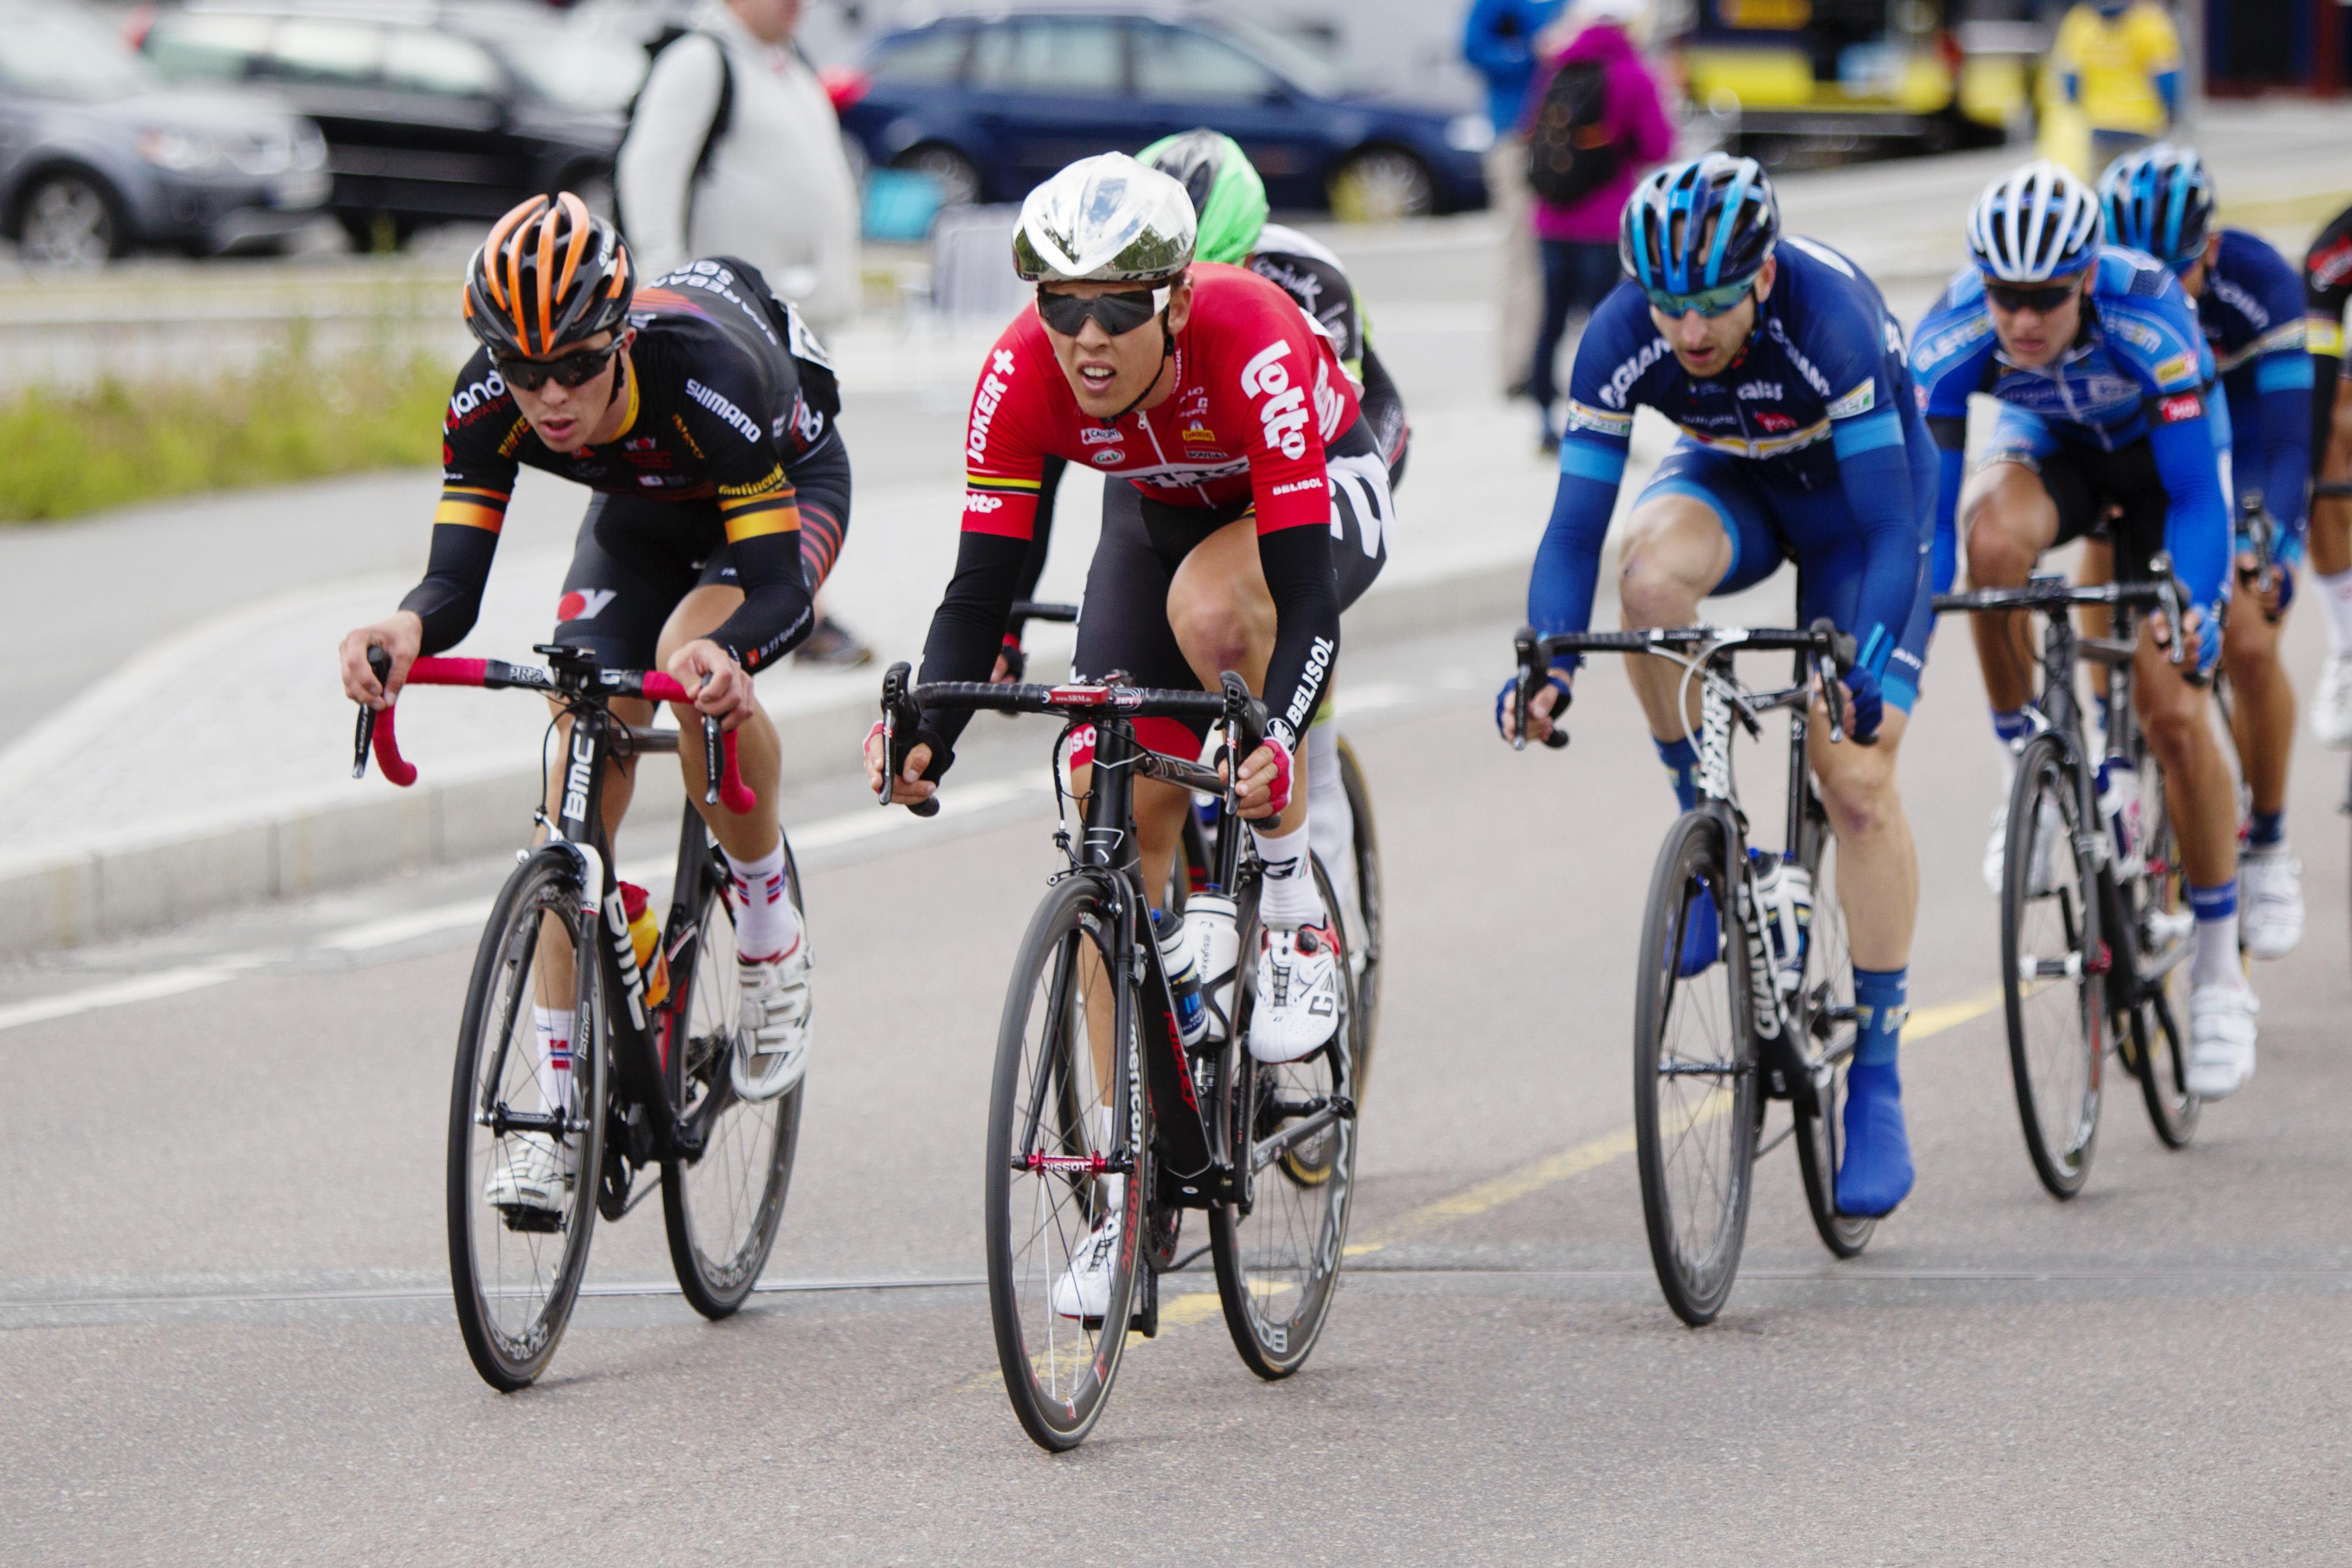 Slik var spillet om NM-gullet - Procycling.no